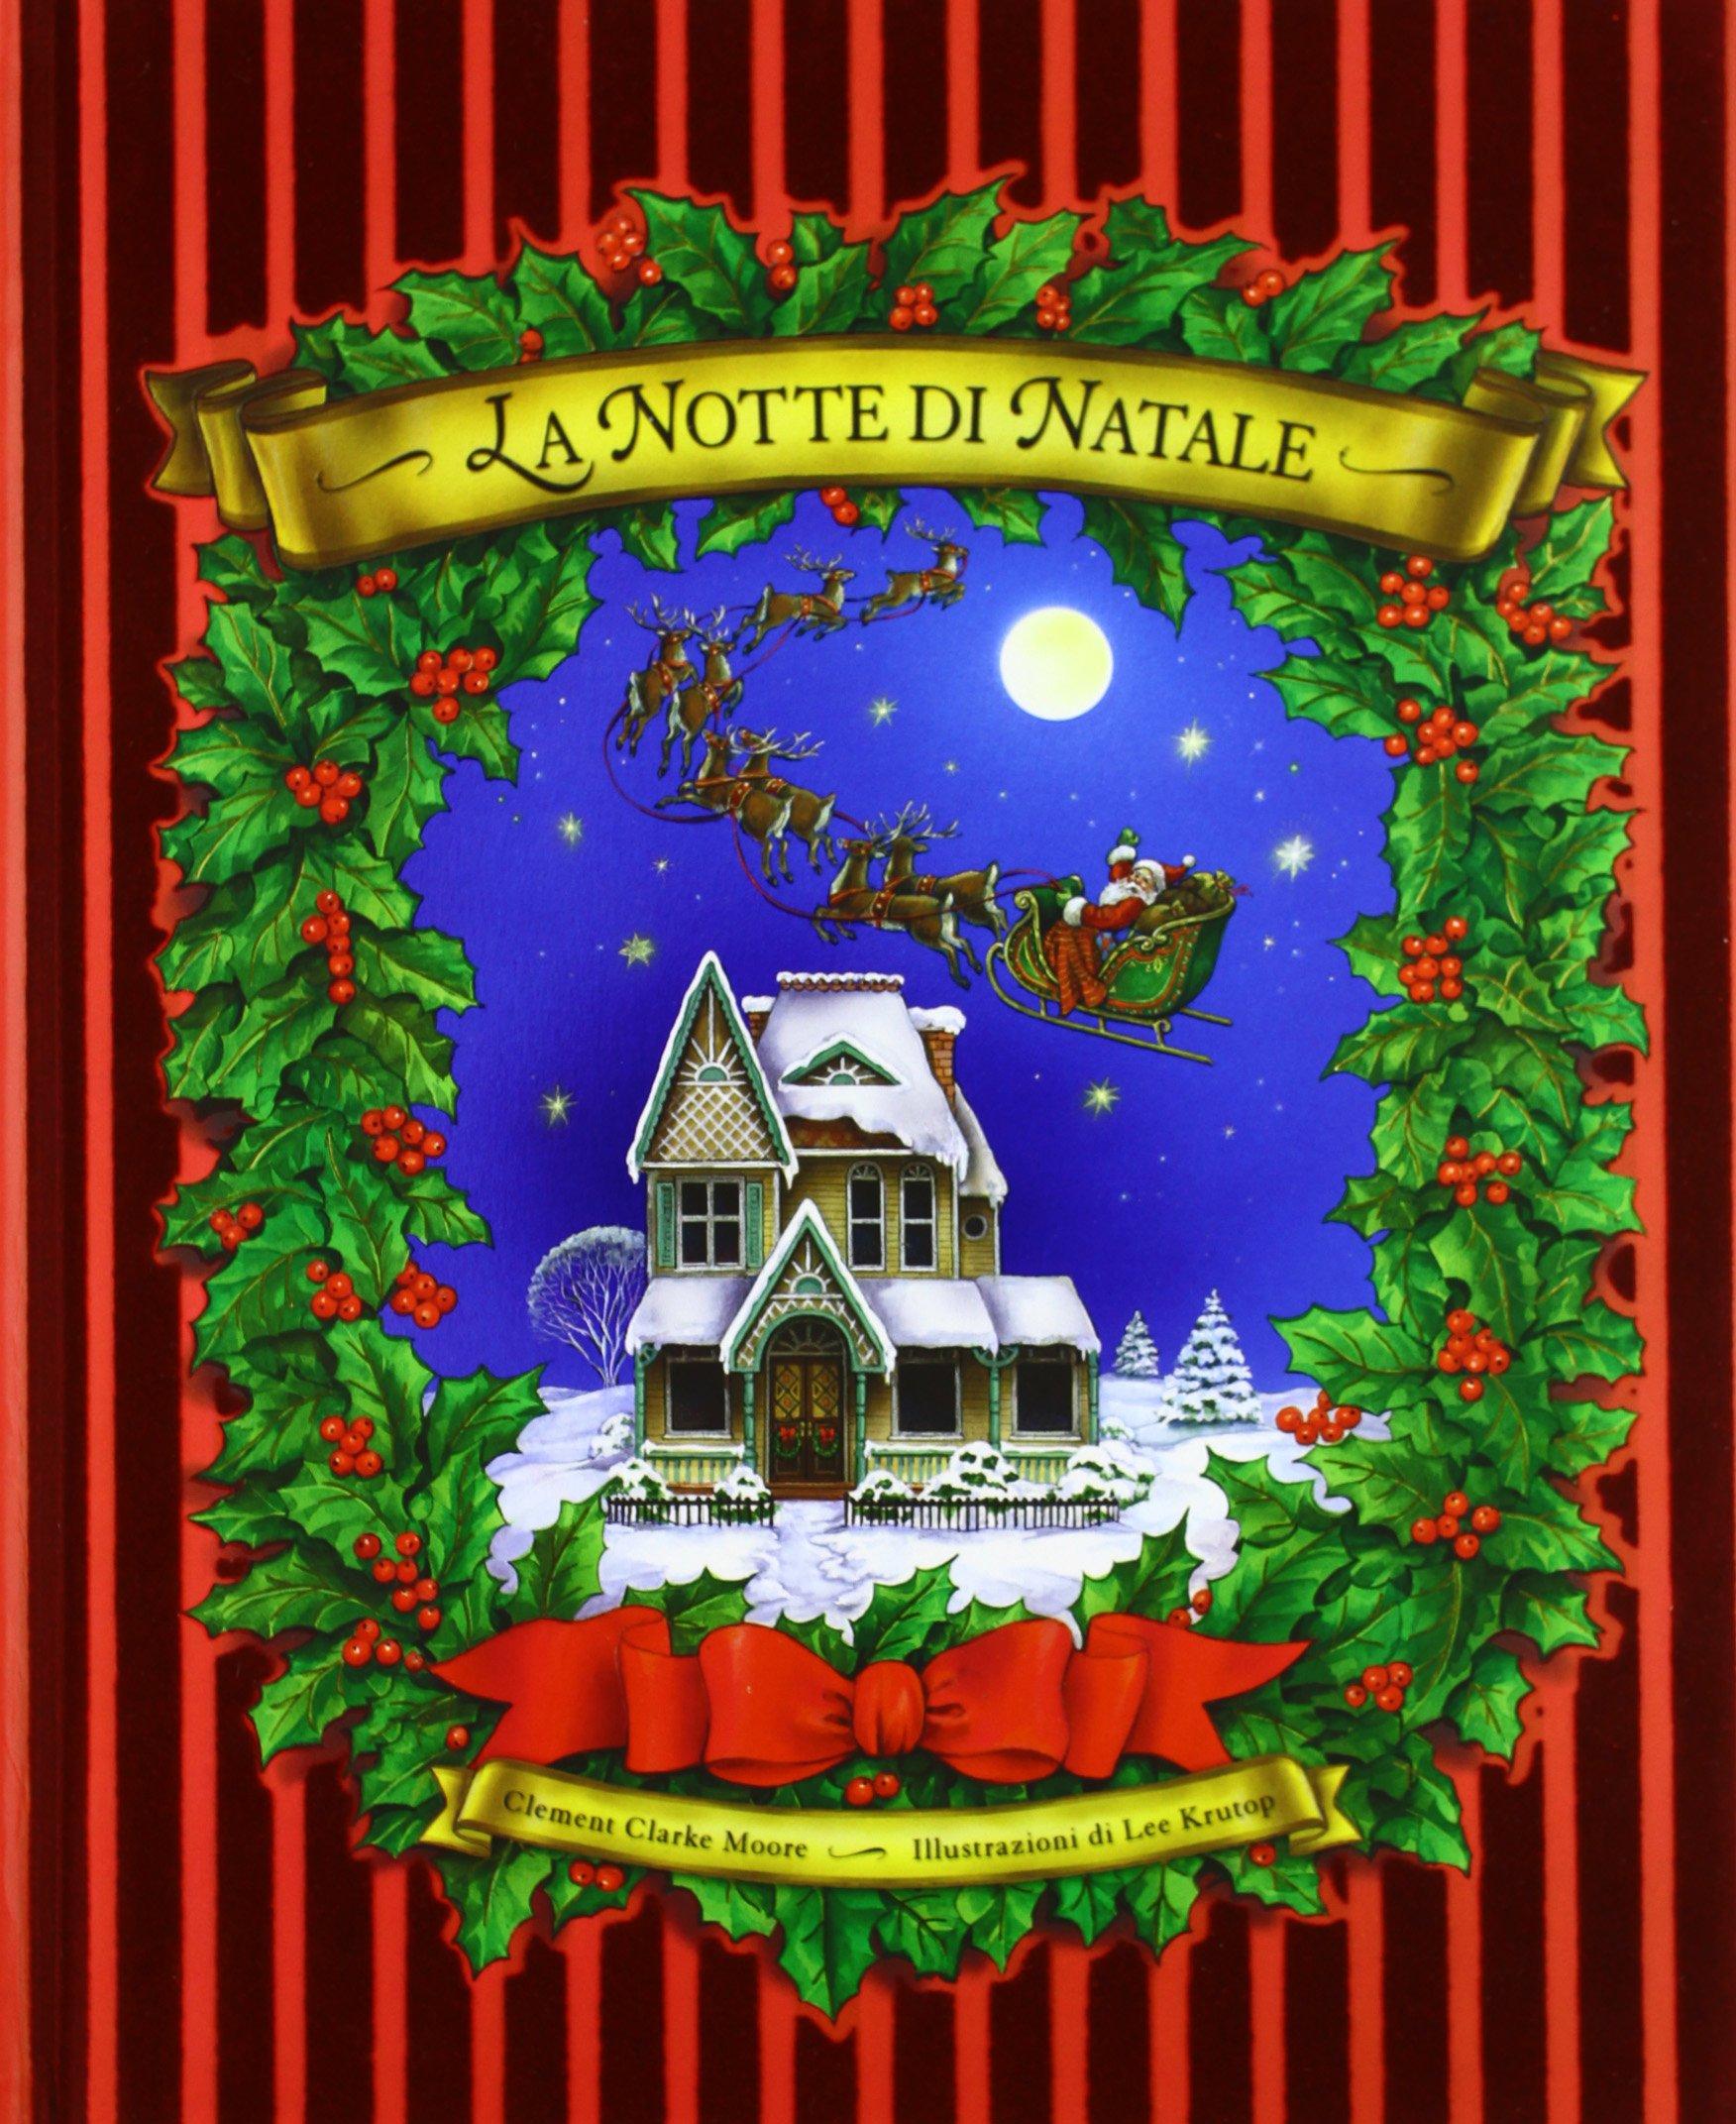 Foto Notte Di Natale.La Notte Di Natale Libro Pop Up Lee Krutop Clement C